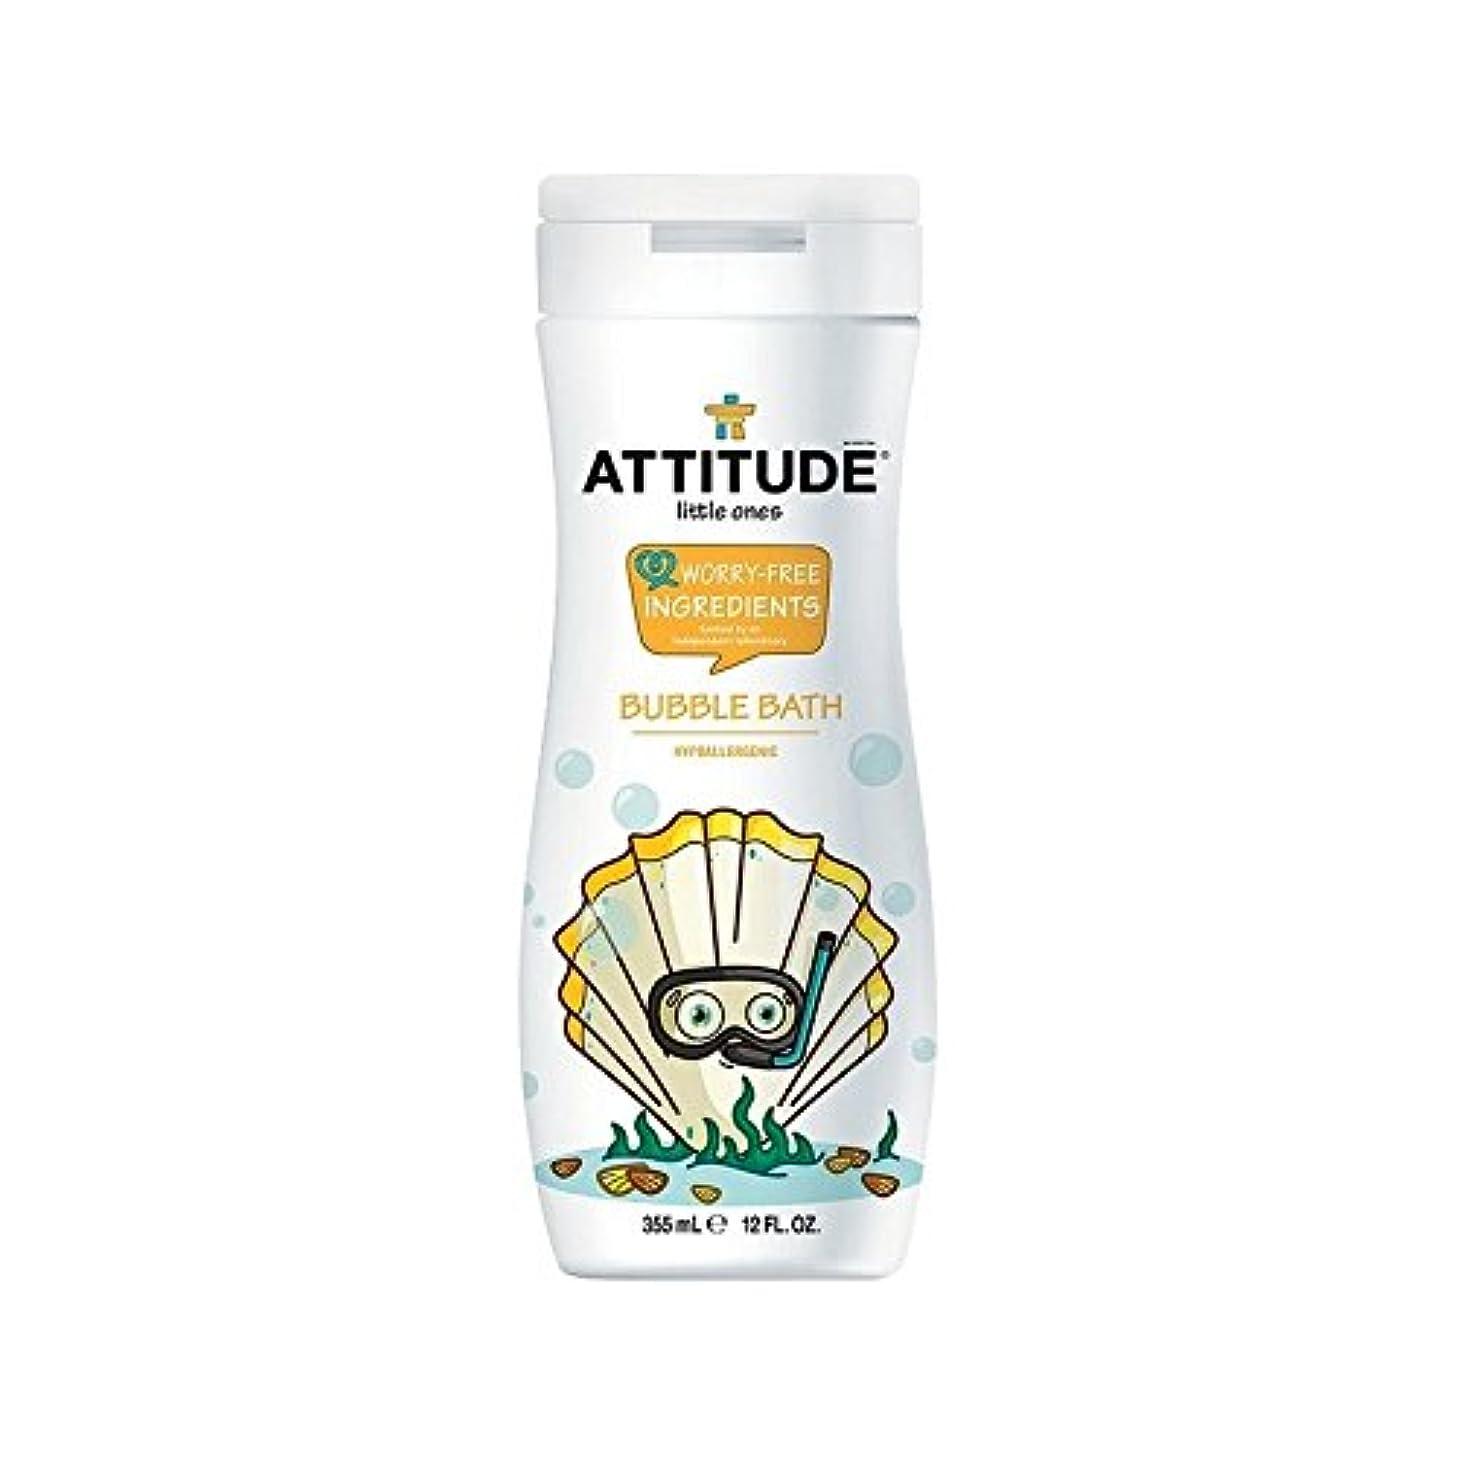 独立して血色の良い乱れエコキッズ低刺激性の泡風呂の355ミリリットル (Attitude) (x 4) - Attitude Eco Kids Hypoallergenic Bubble Bath 355ml (Pack of 4) [並行輸入品]